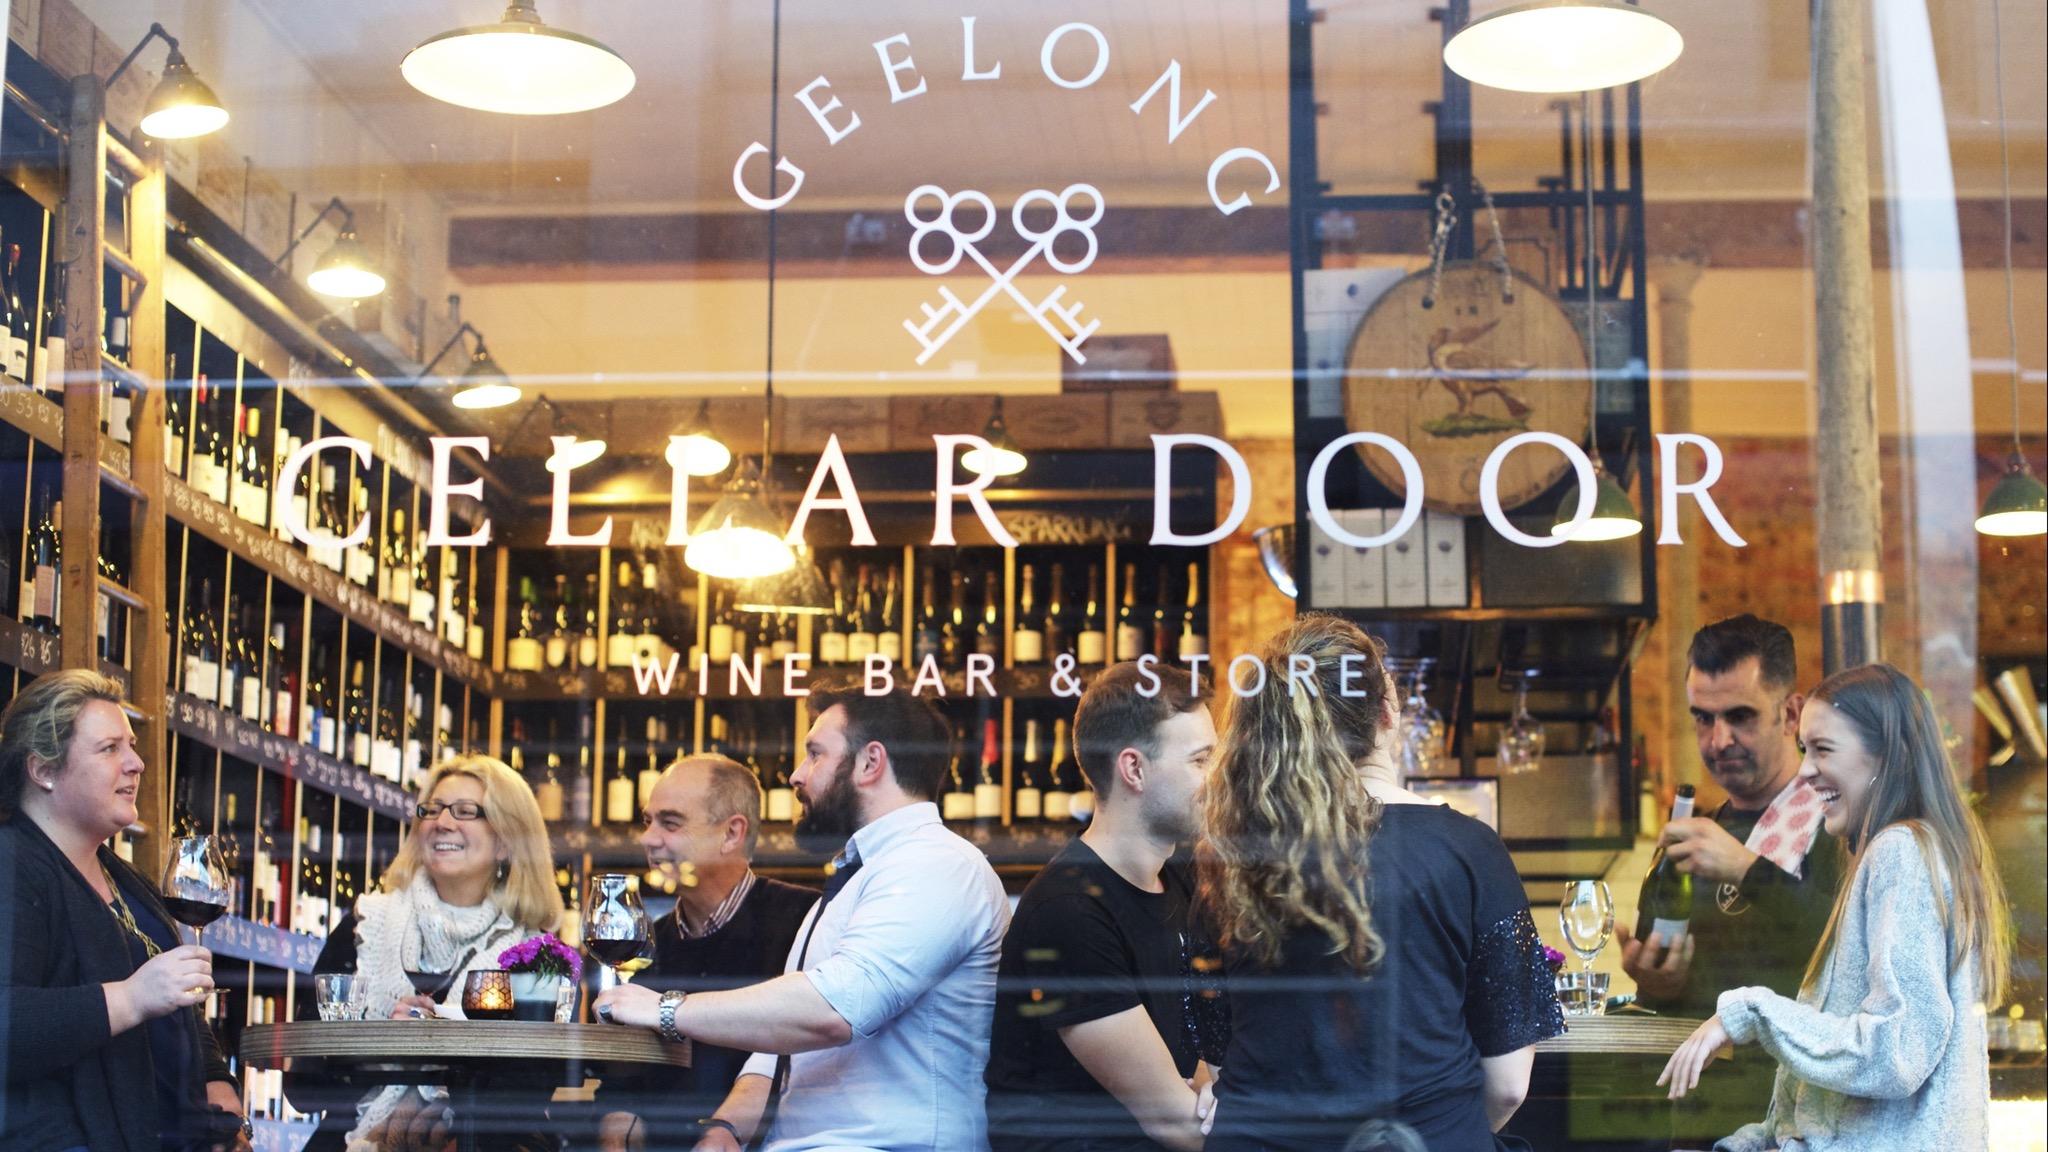 Geelong Cellar Door